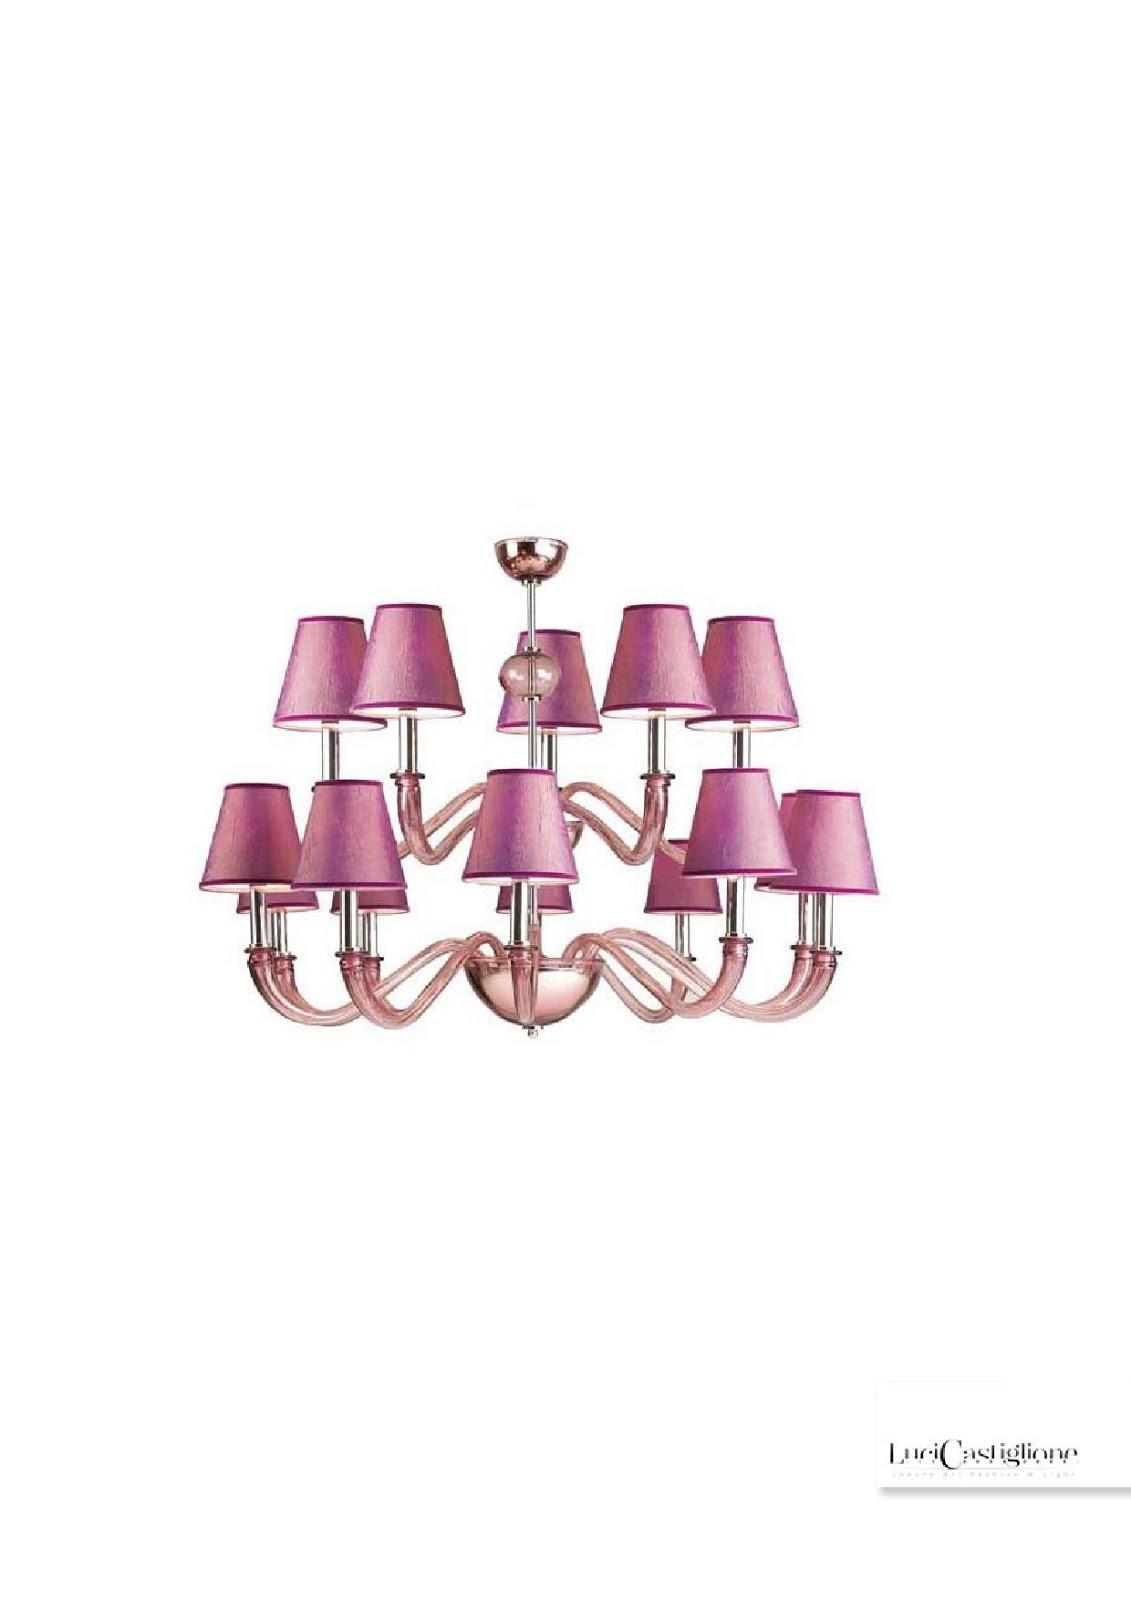 montaggio lampadari : Lampadari in vetro di murano: 472 lampadario in vetro soffiato di ...